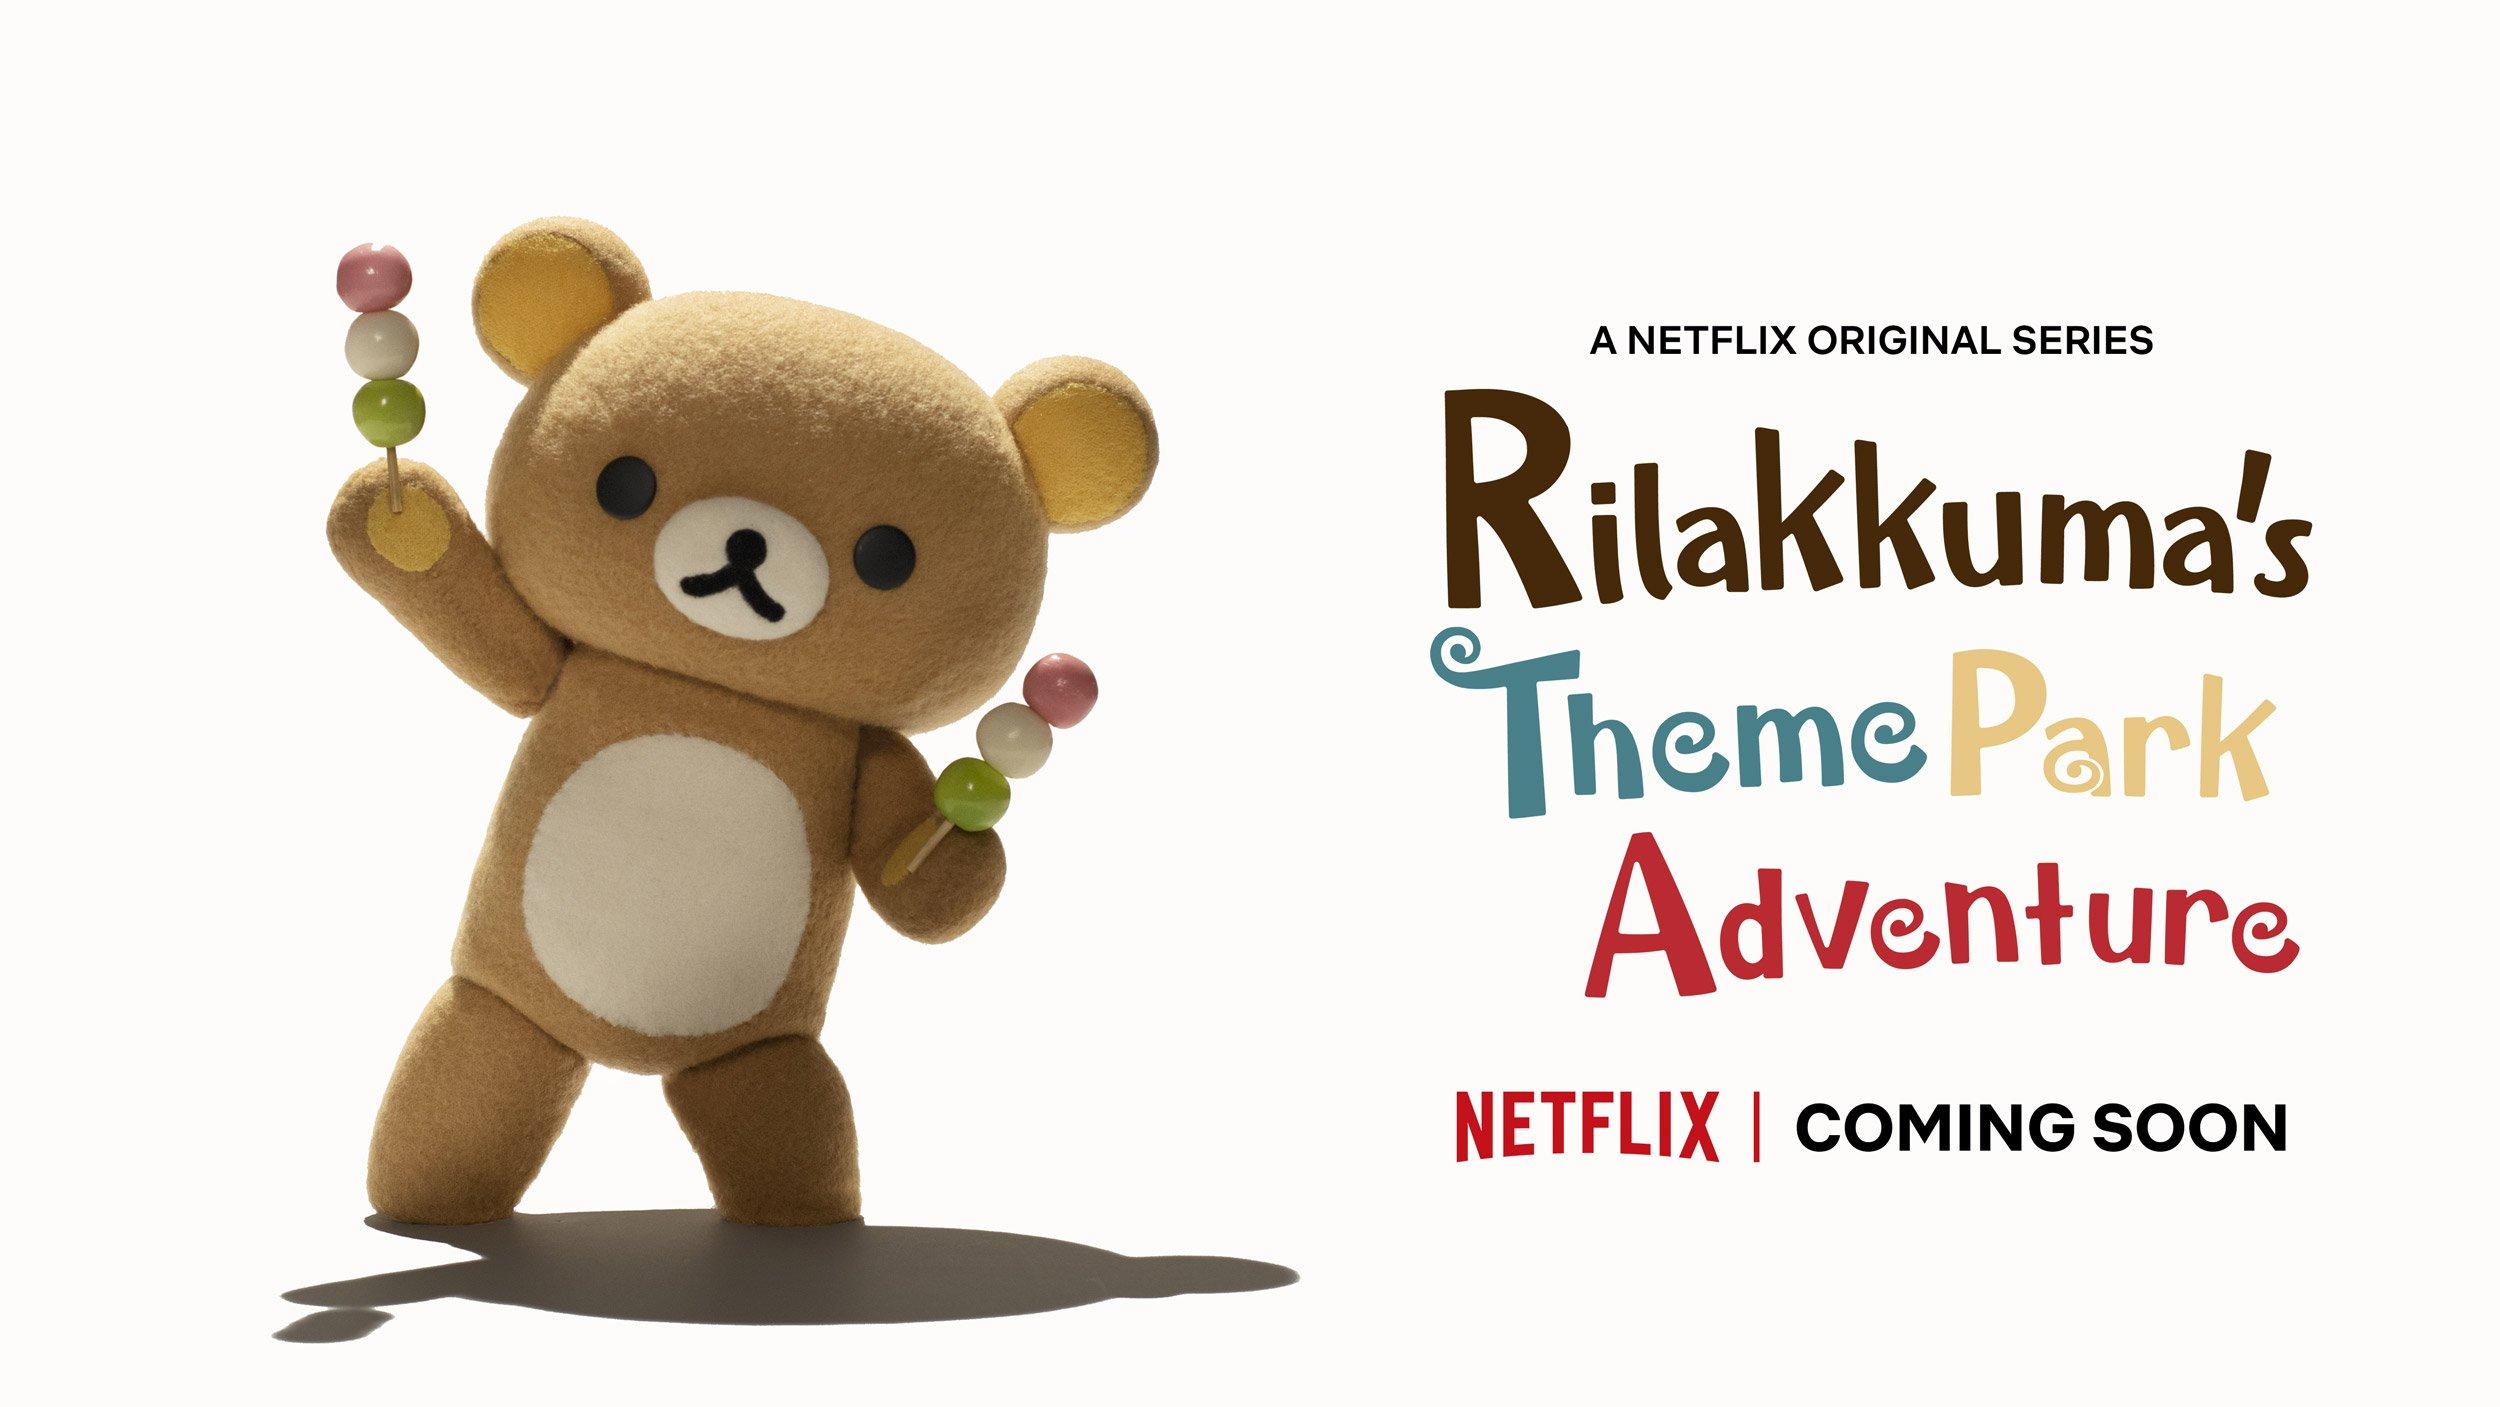 Imagen promocional de Rilakkuma con el protagonista sosteniendo varillas de dando en cada pata y el título oficial en inglés a la.derecha.